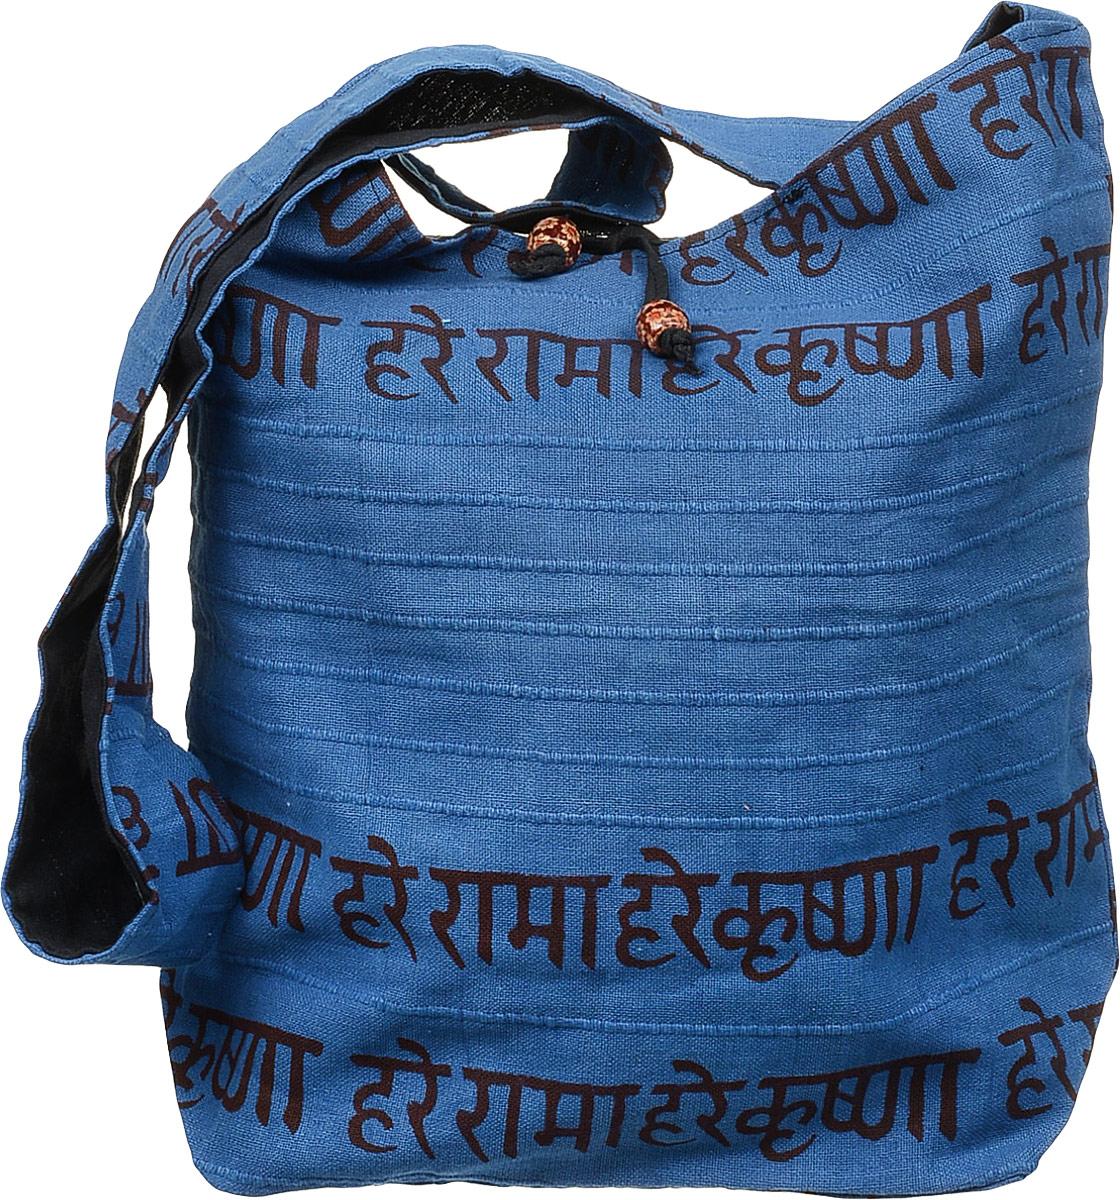 Сумка женская Ethnica, цвет: синий. 2041503-47670-00504Женская сумка Ethnica изготовлена из текстиля. Дополнена модель прочными удобными ручками и украшена тонкой вышивкой. Застегивается изделие на застежку-молнию.